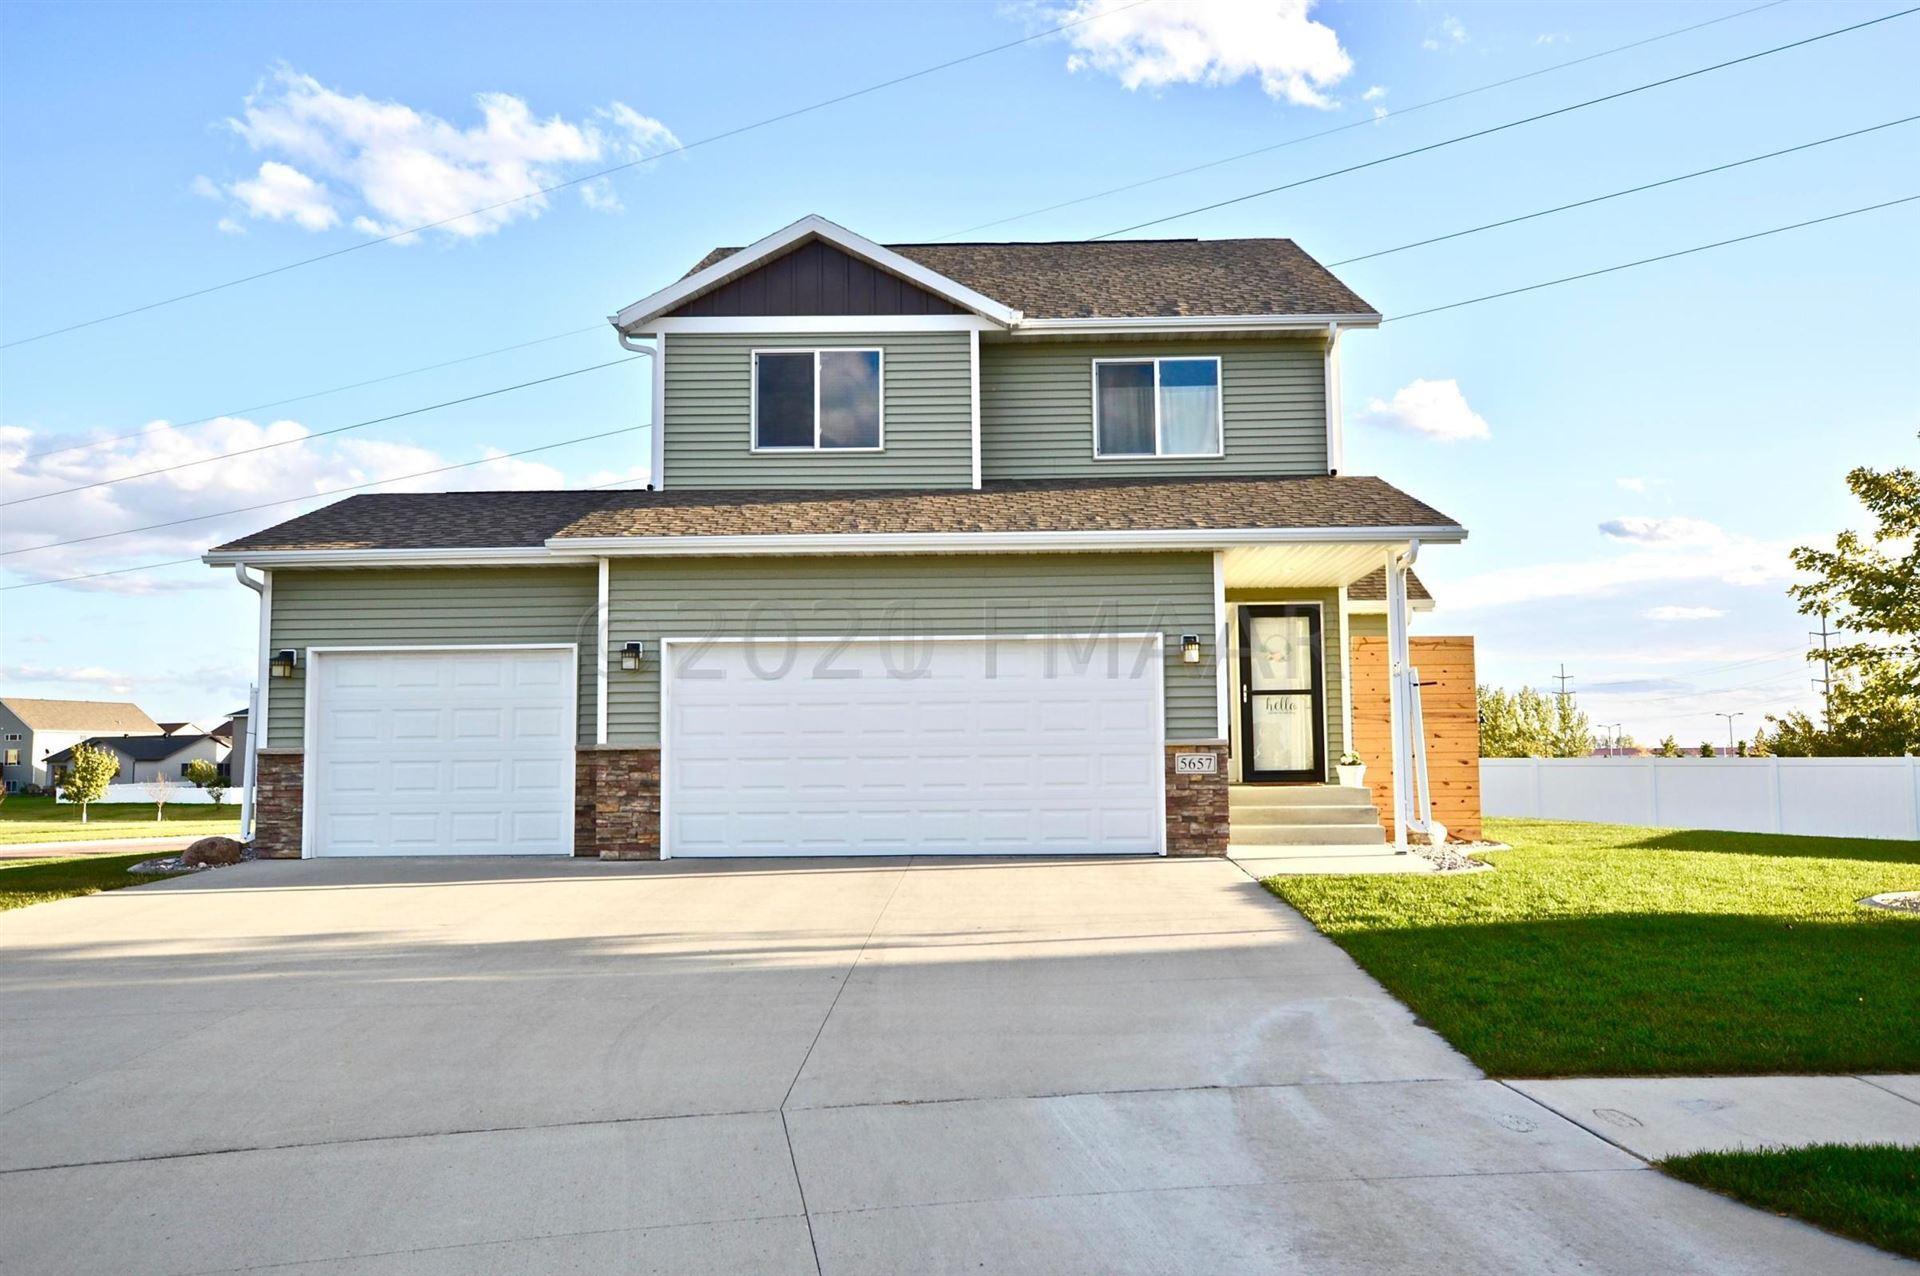 5657 47 Avenue S, Fargo, ND 58104 - #: 21-271